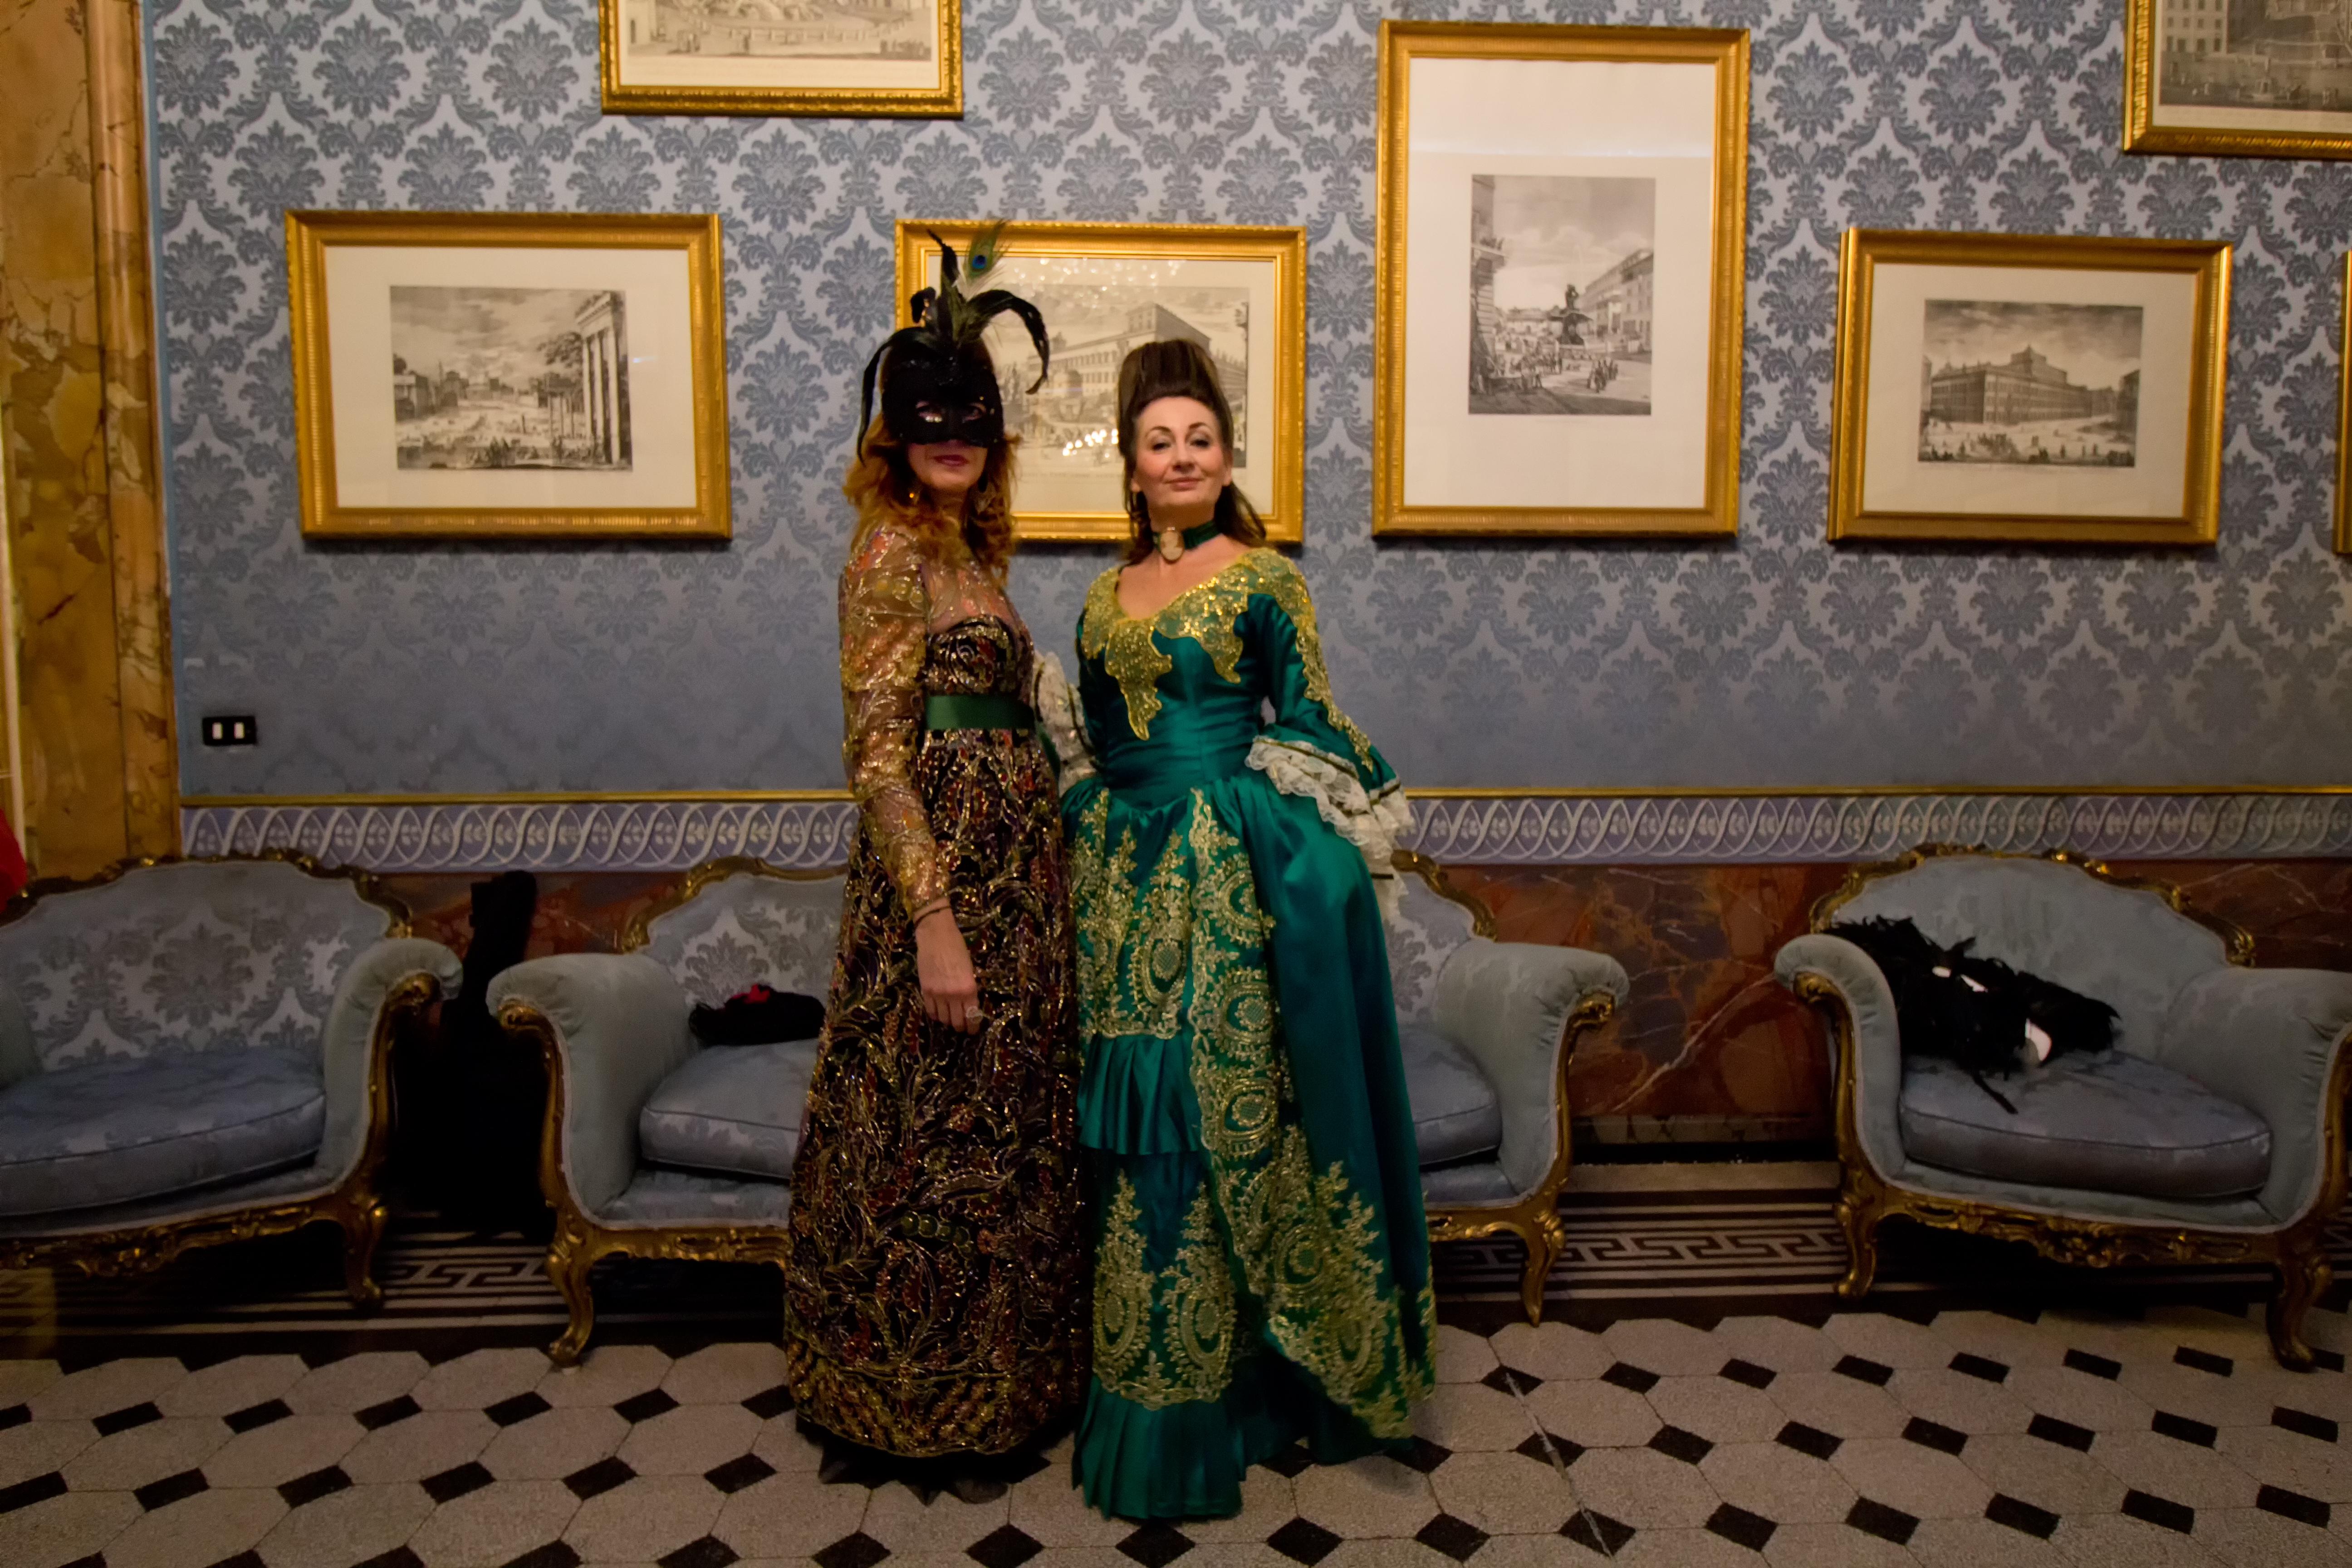 Ballo in maschera a Palazzo Ferrajoli